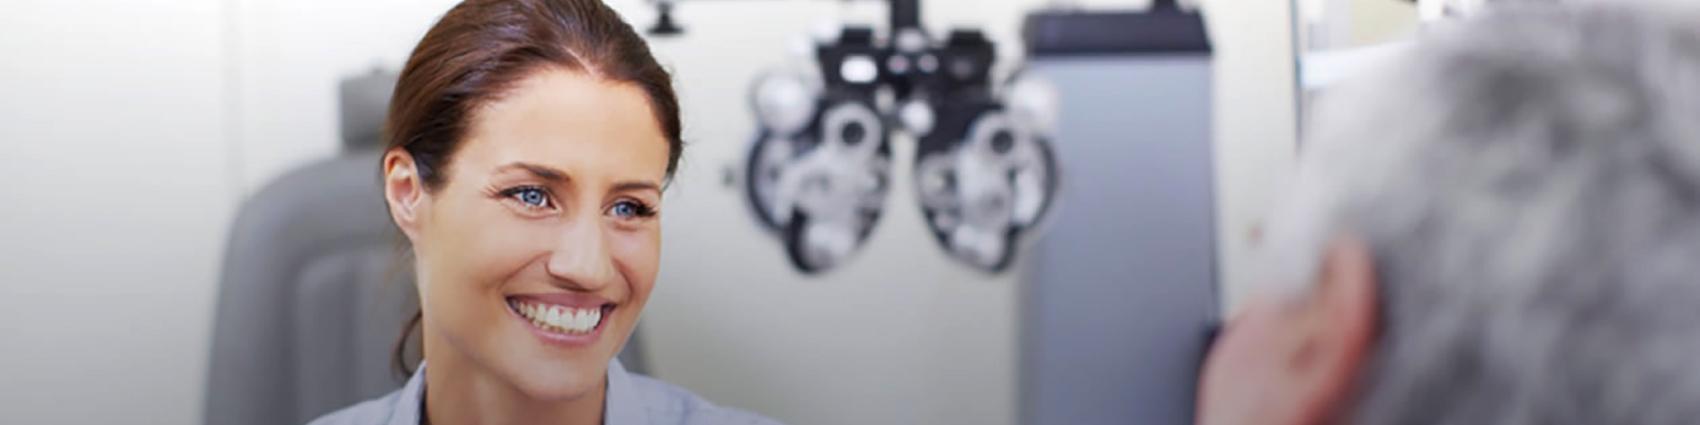 Oftalmološki i optometrijski pregledi